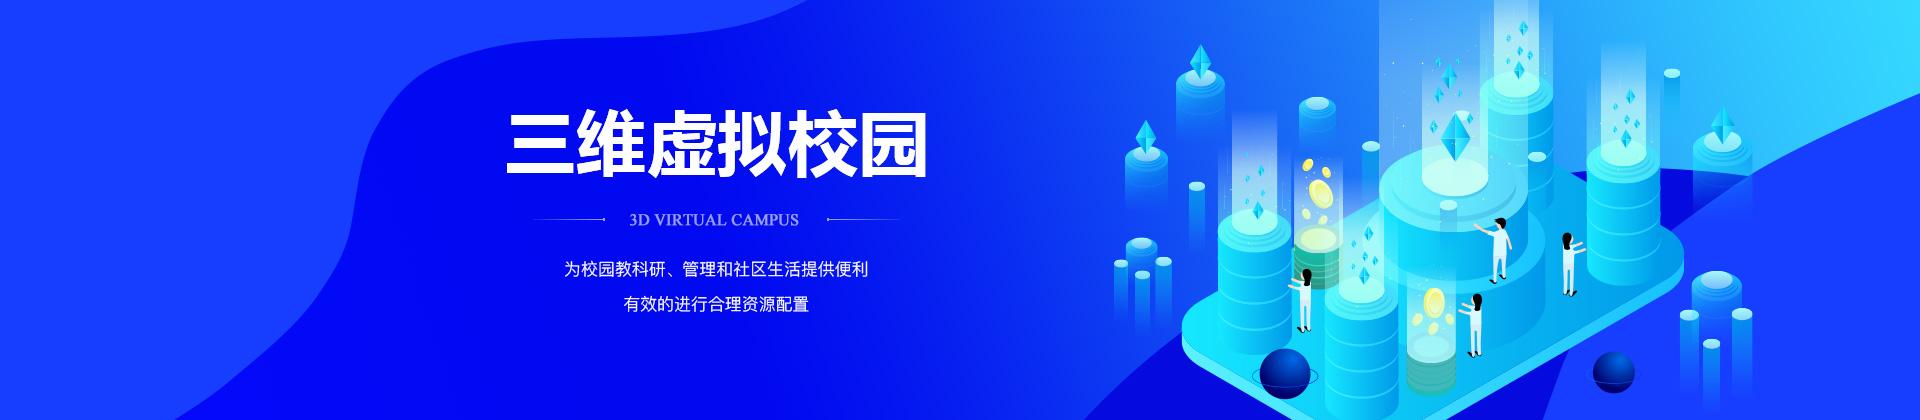 师慧三维虚拟校园系统